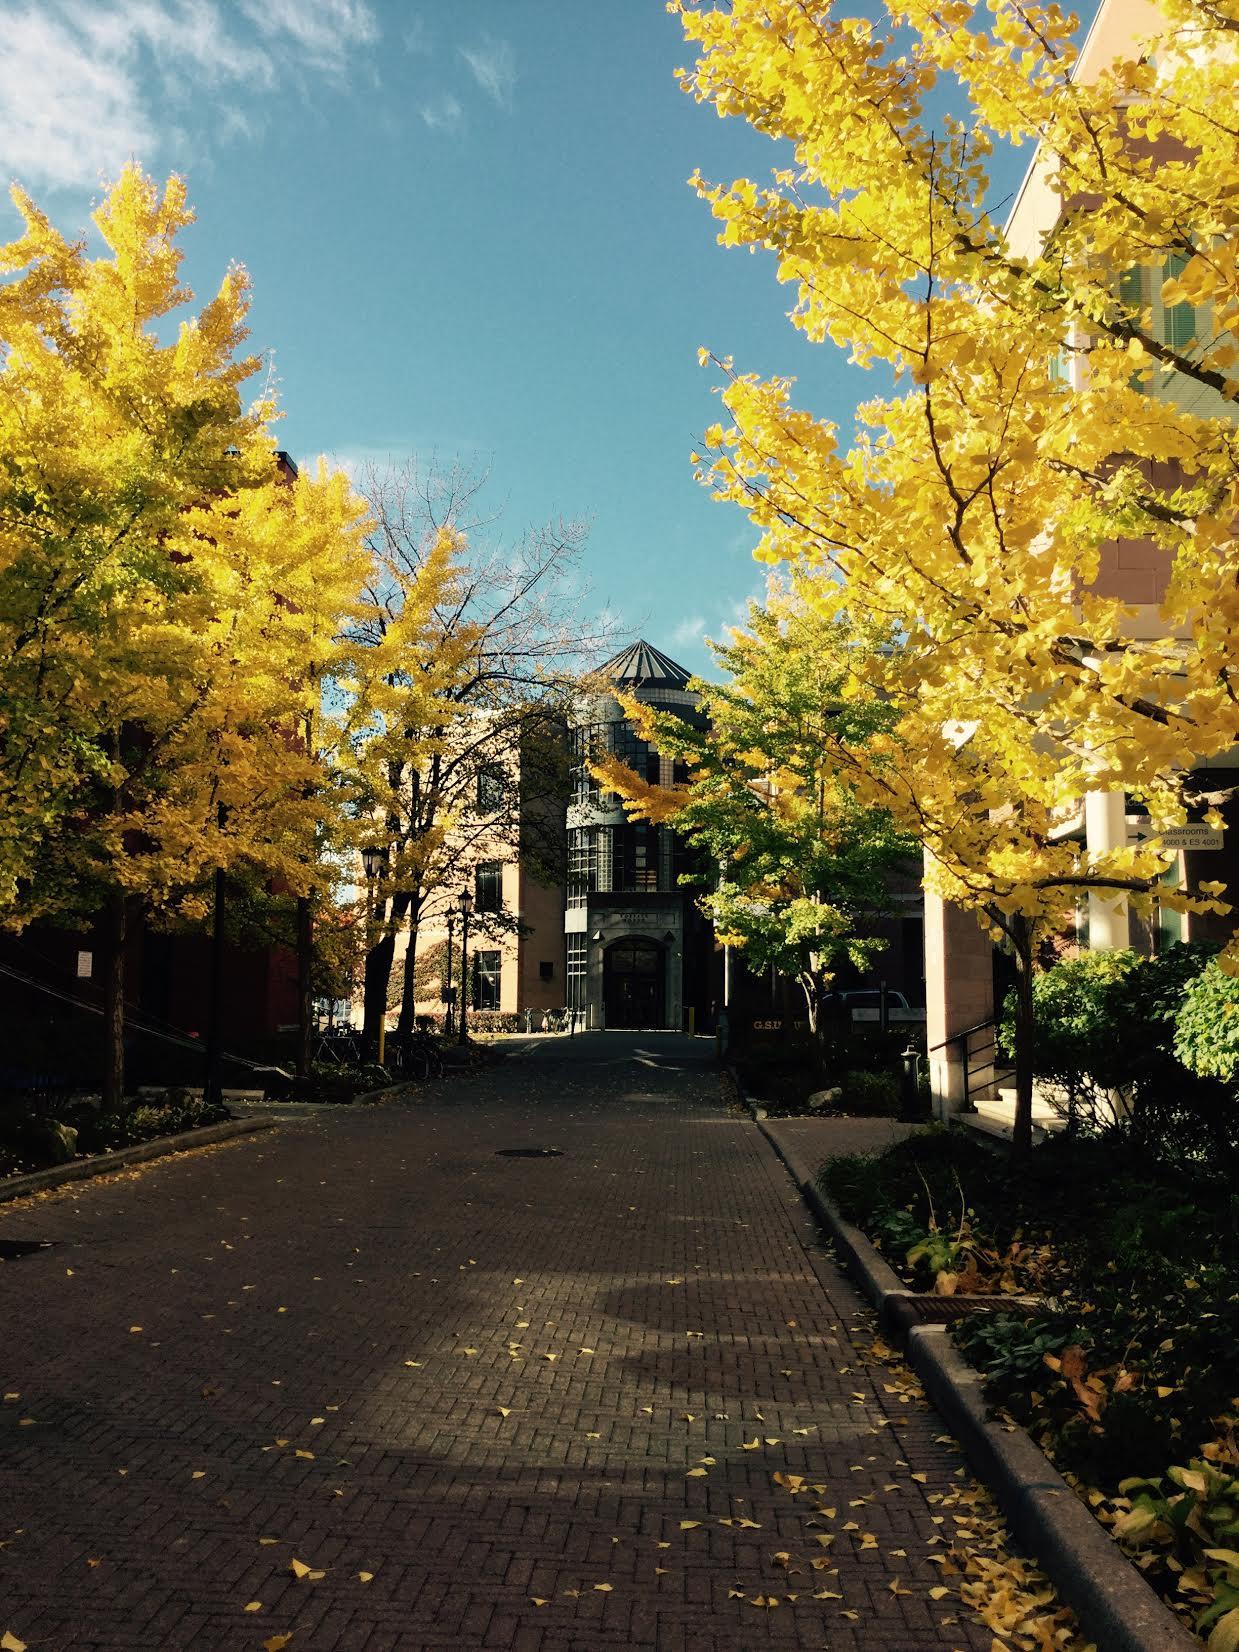 uoft_autumn_2016